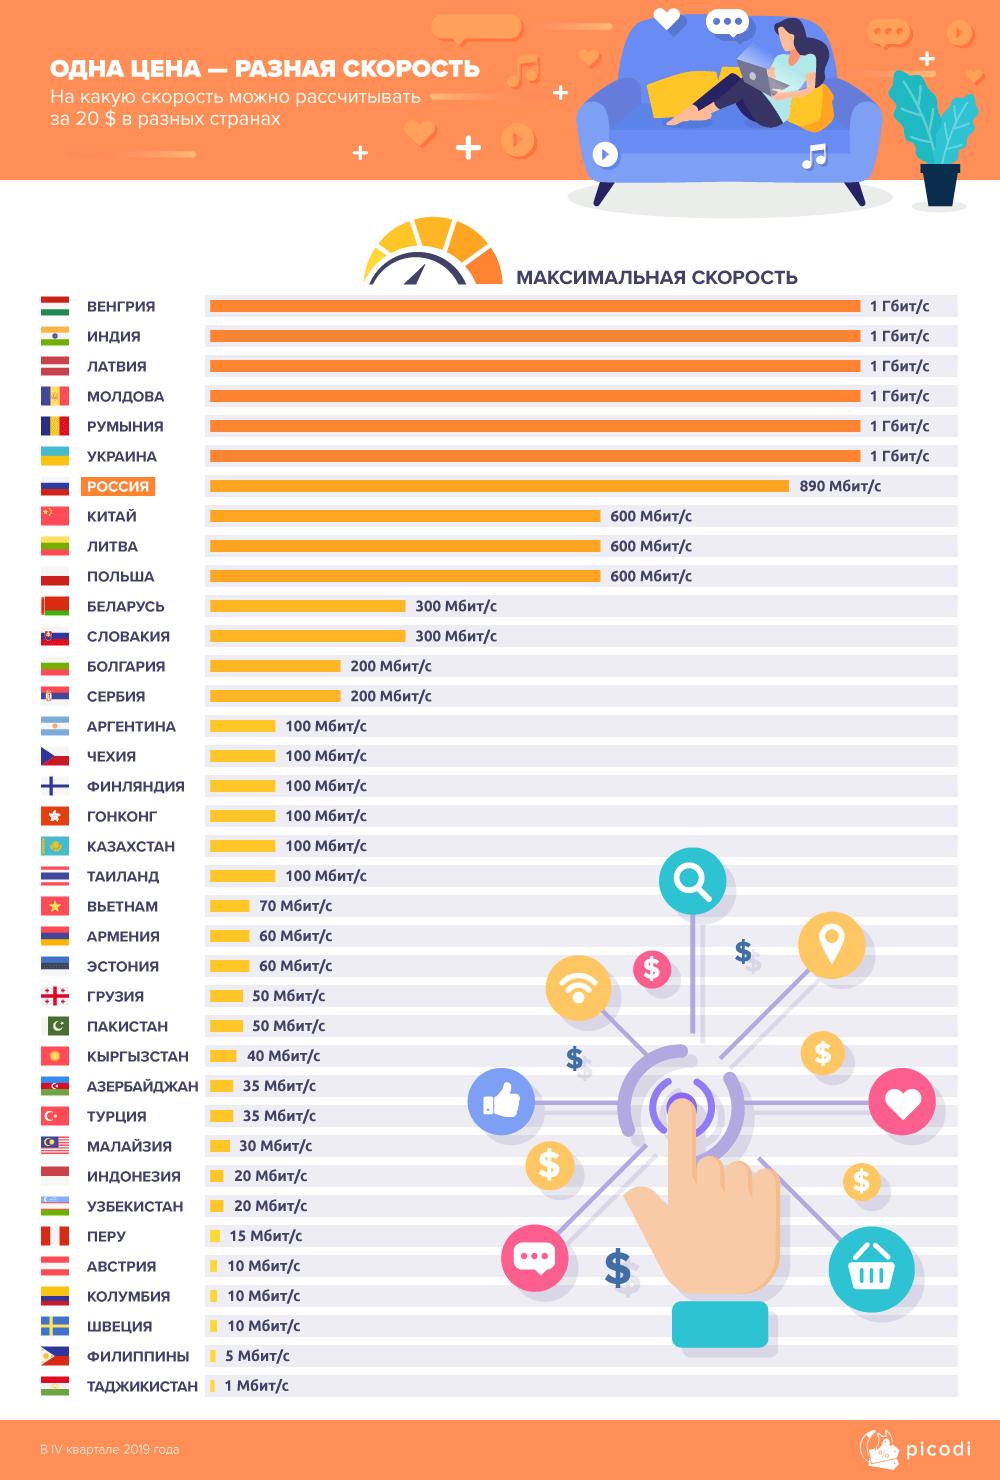 Аналитики компании Picodi сравнили цены на услуги проводного доступа в интернет 233 провайдеров из 62 стран мира - 3